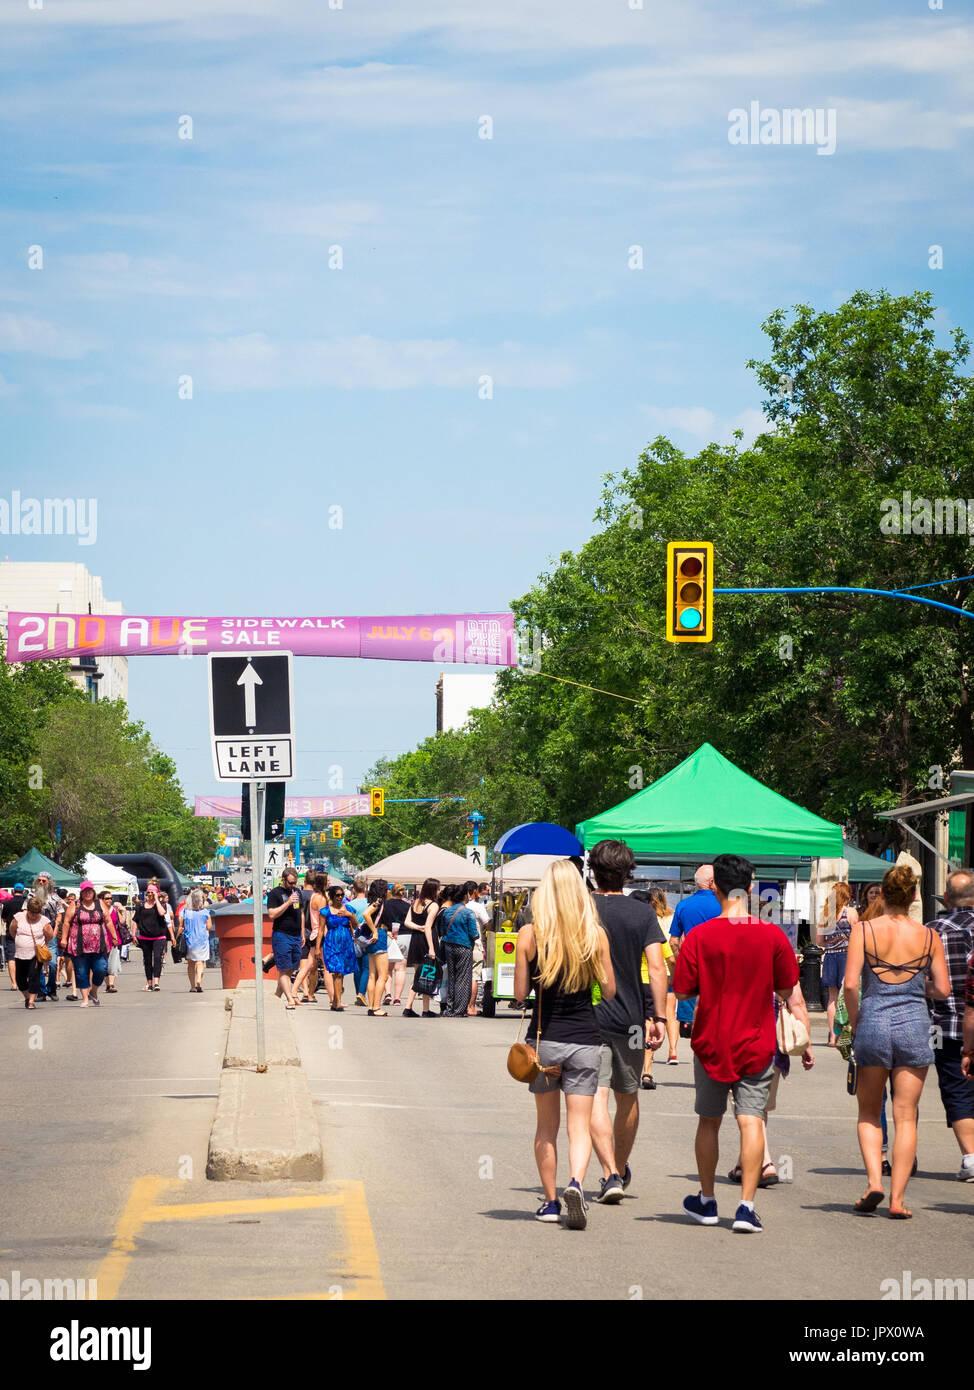 Die 2nd Avenue Sidewalk Sale in Saskatoon, Saskatchewan, Kanada.  Saskatoon Tradition, markiert der Bürgersteig Verkauf seinen 41. Geburtstag im Jahr 2017. Stockfoto